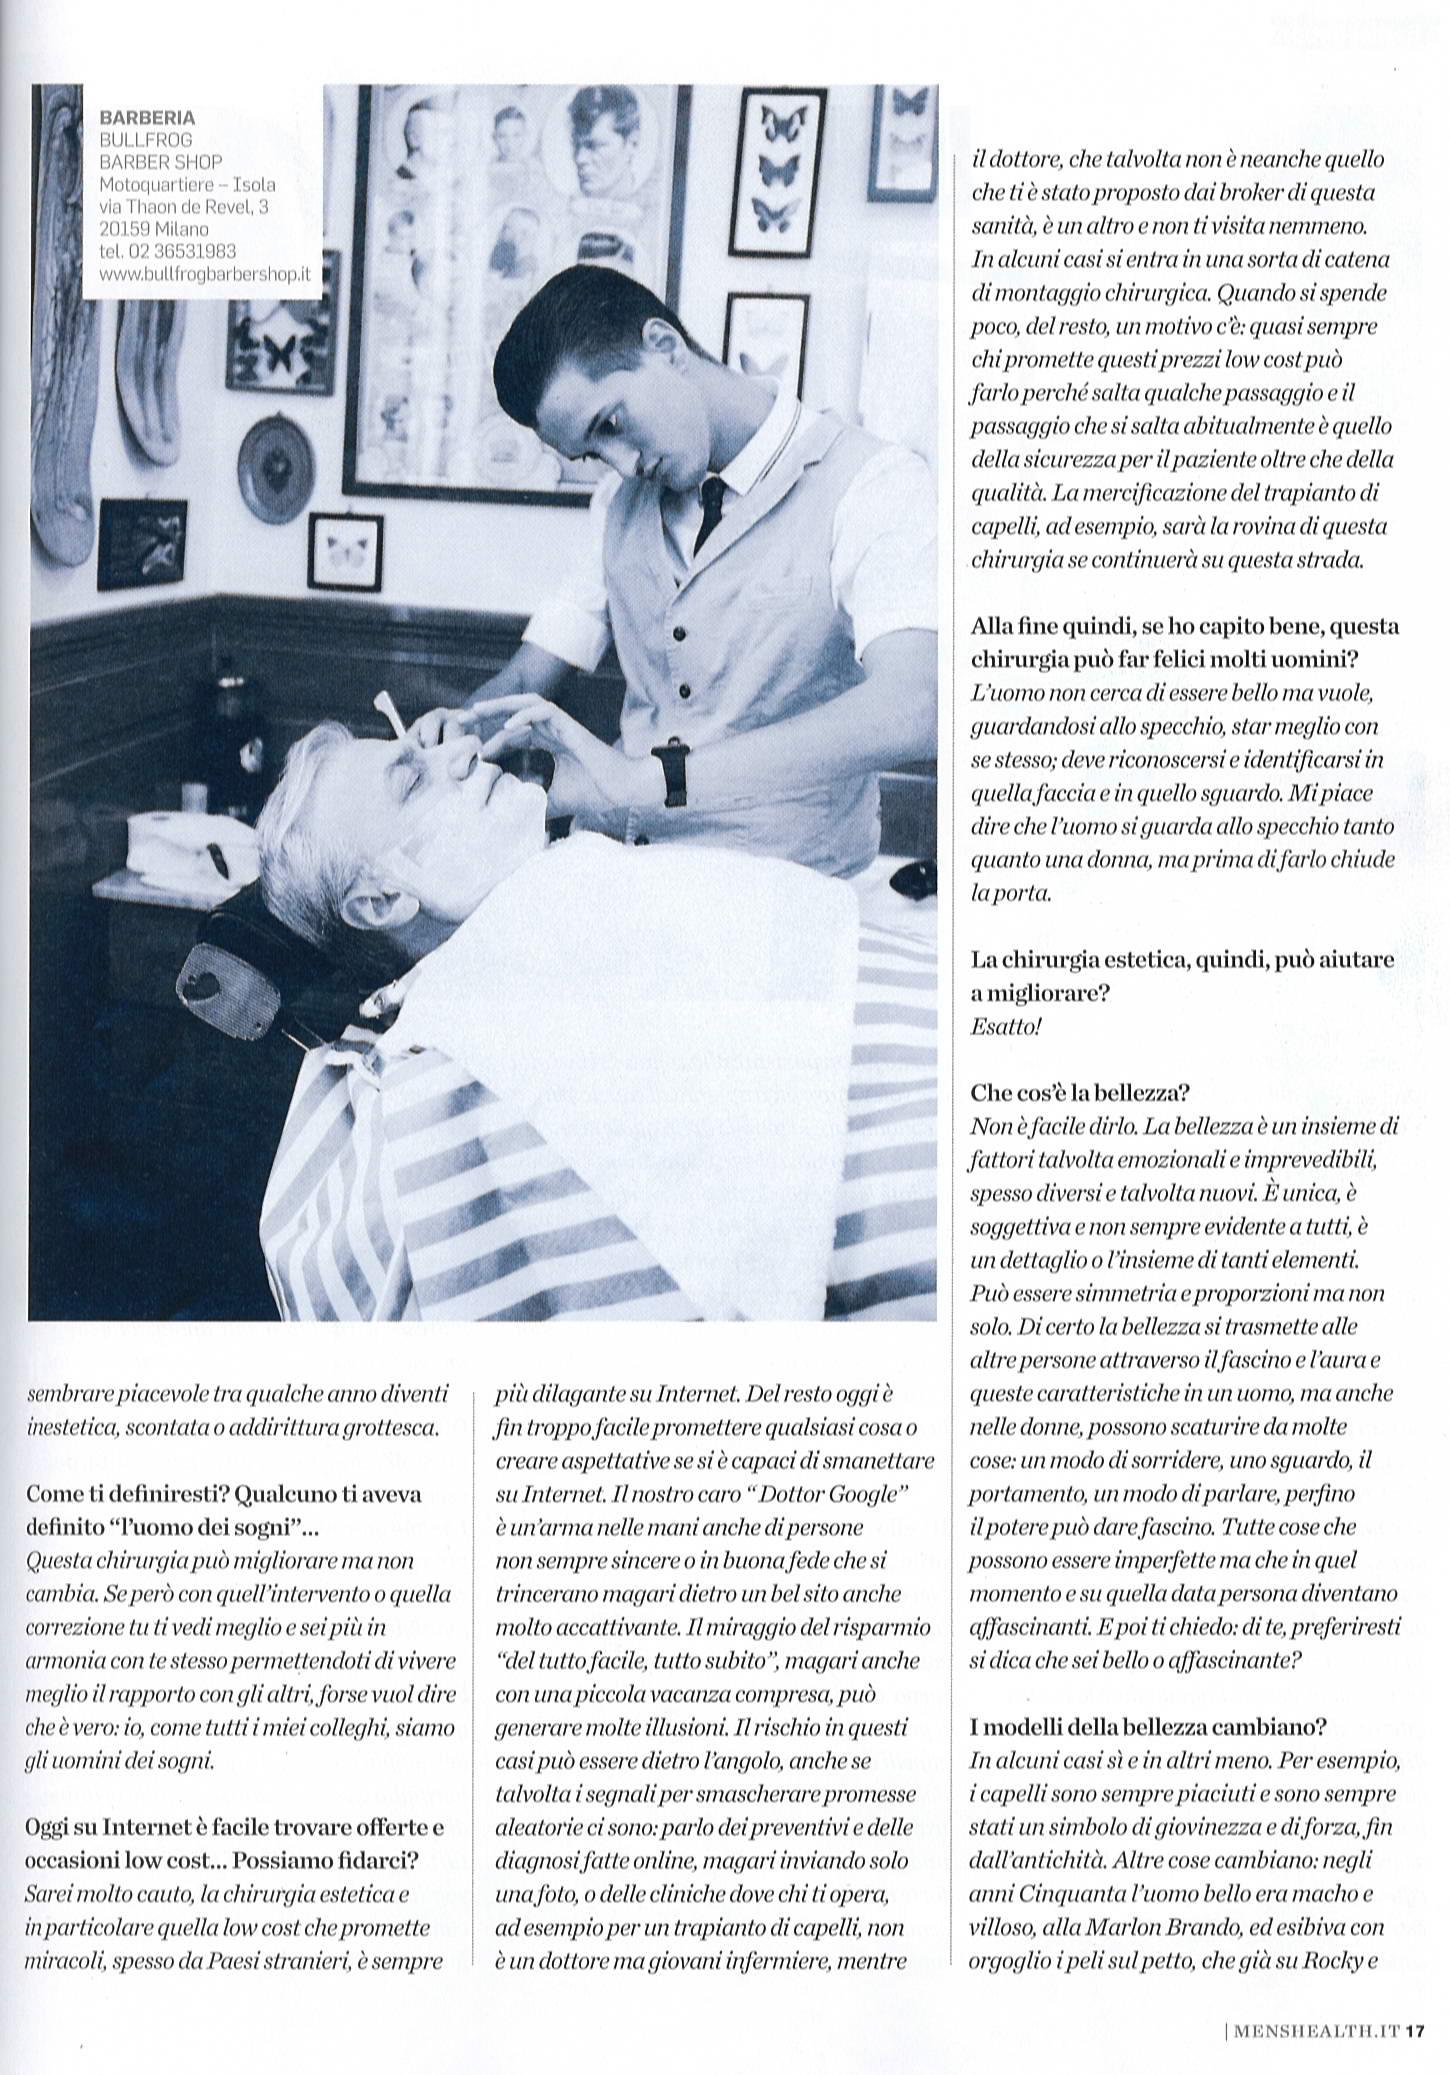 Piero Rosati: il mago dei capelli, l'uomo dei sogni - Men's Health articolo 4